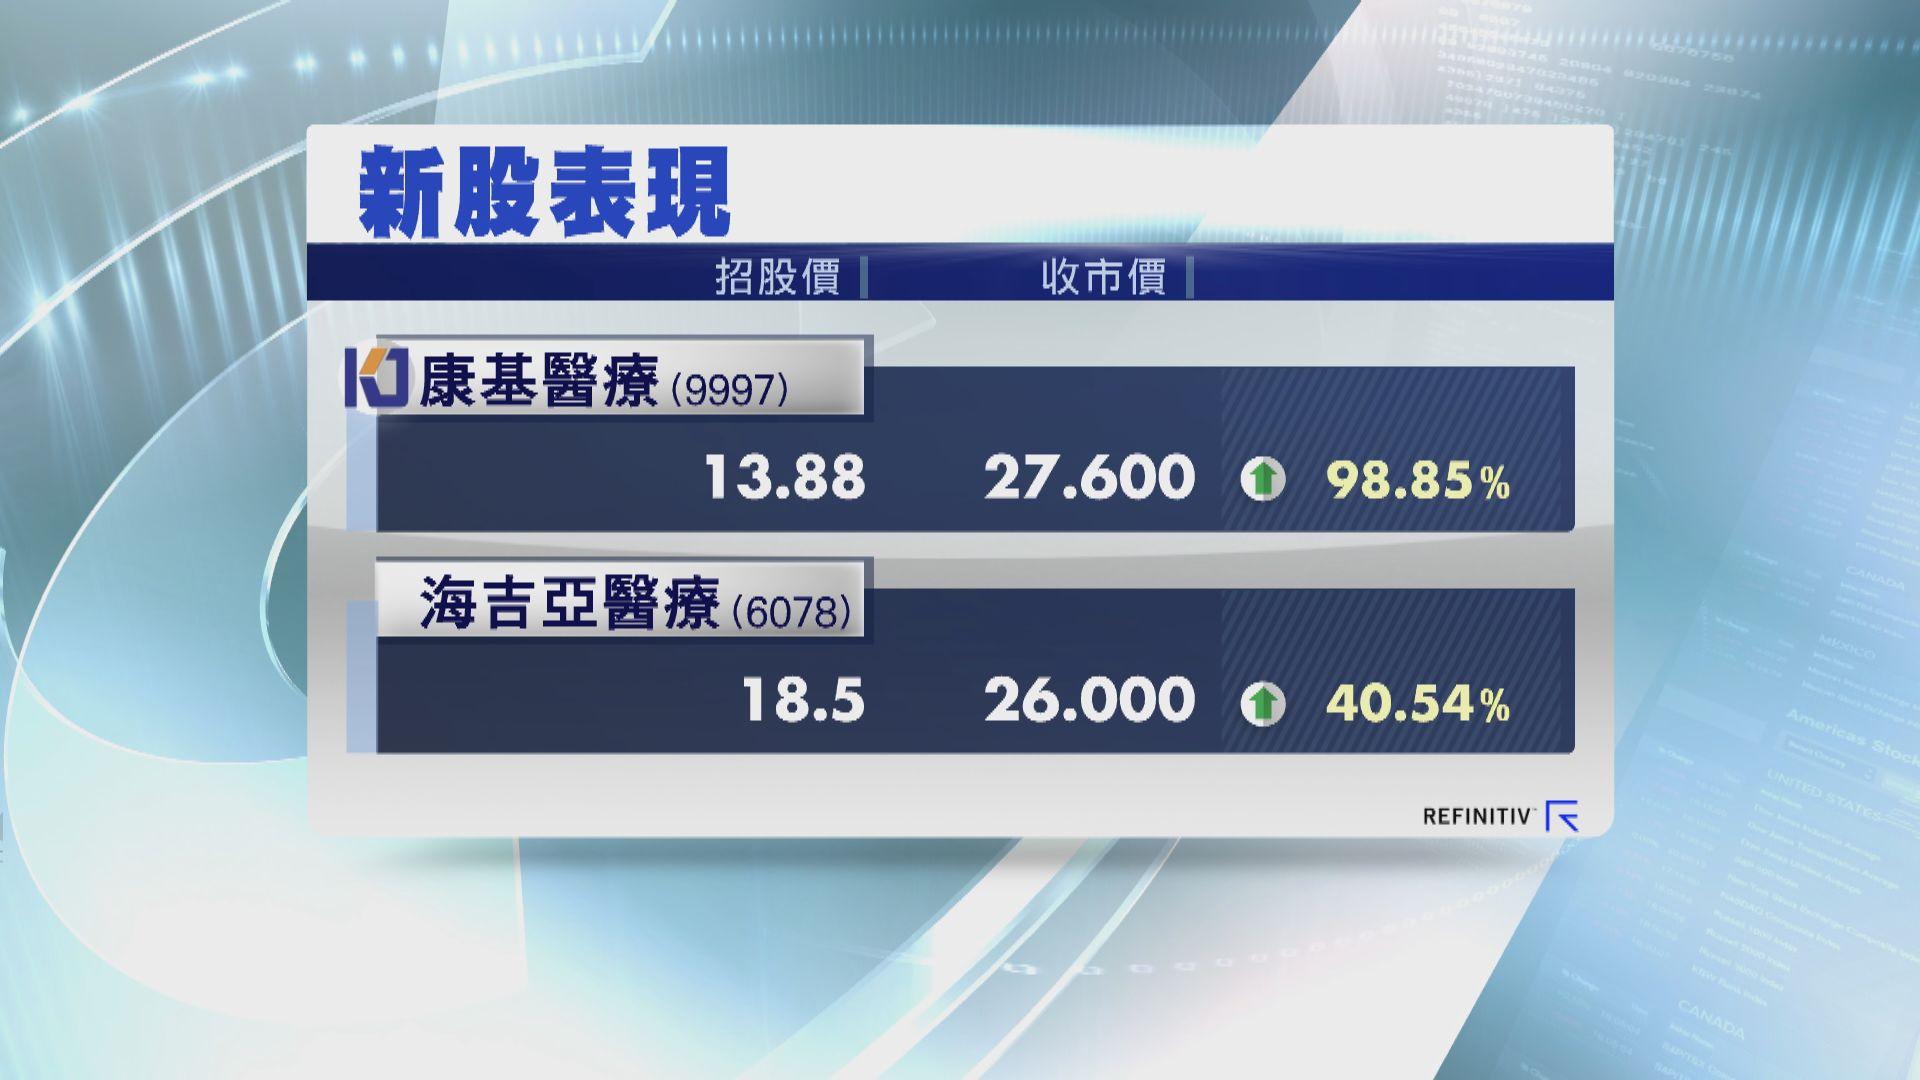 兩隻醫療新股首掛 股價顯著造好